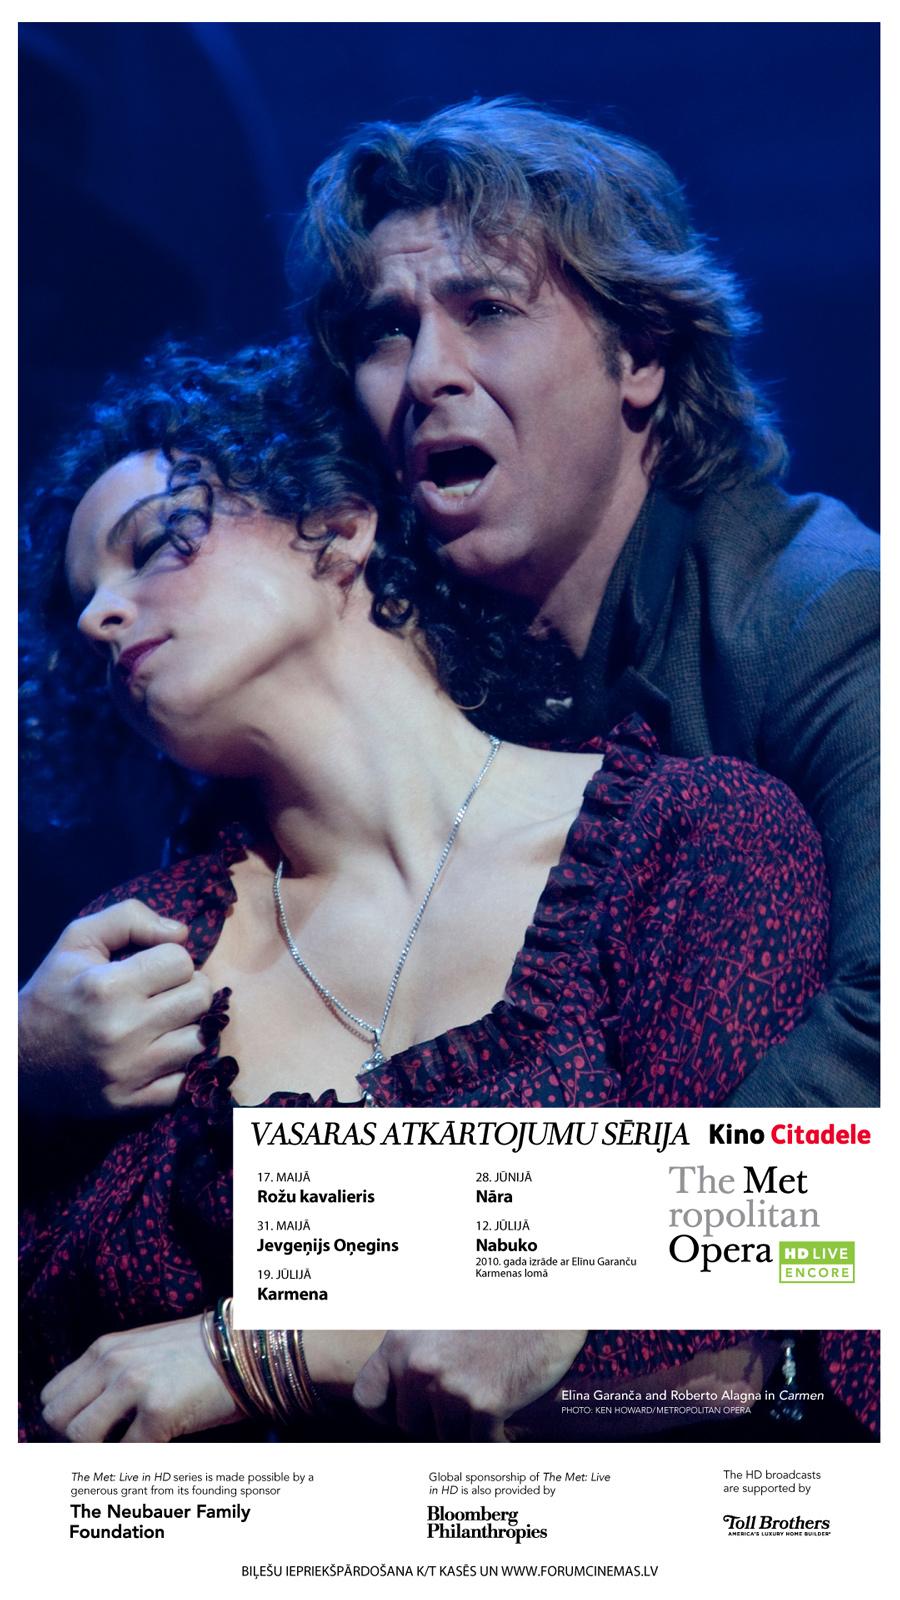 Metropolitan opera - vasaras atkārtojumu sērija